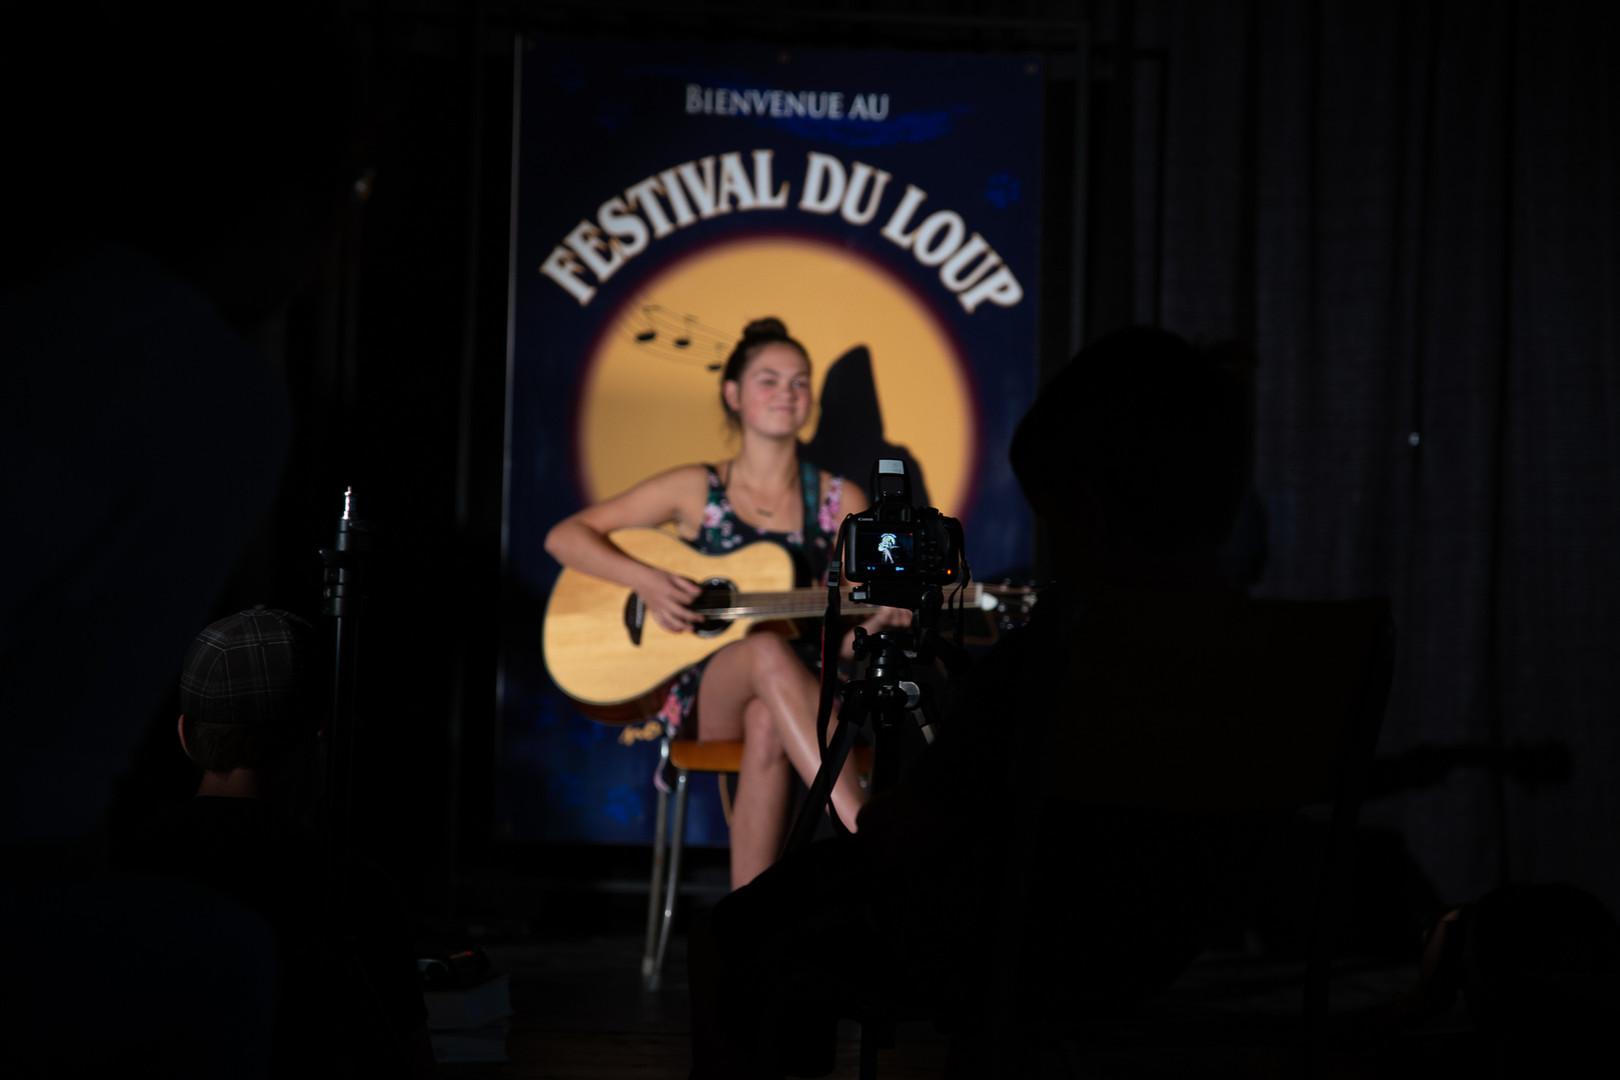 Camp artistique Festival du loup